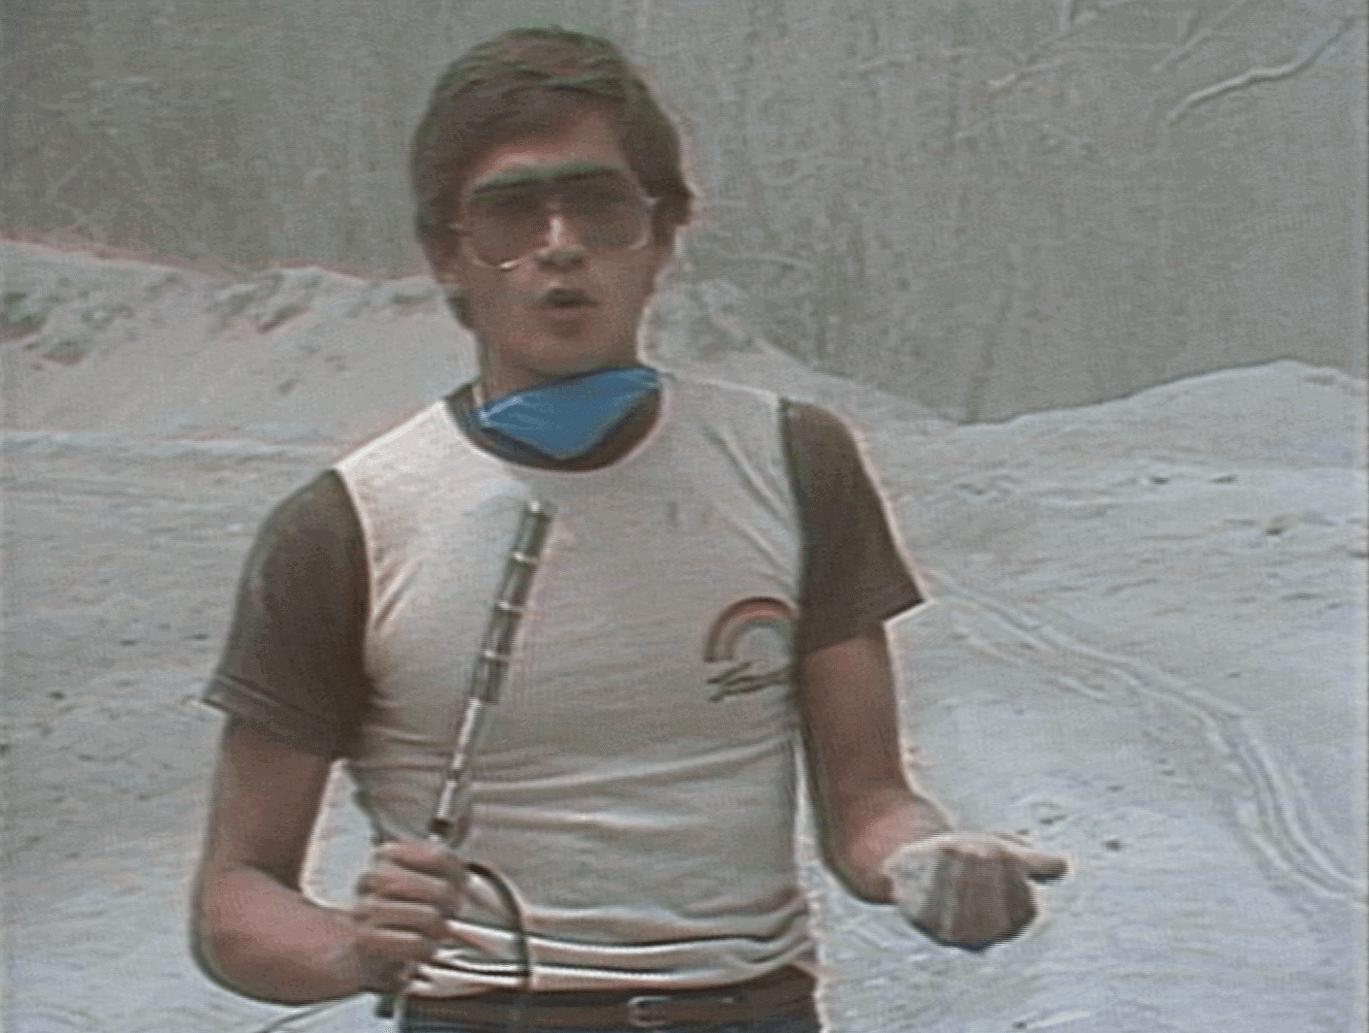 Ramos cubriendo el terremoto de México en 1985. Foto Cortesía de Univision.